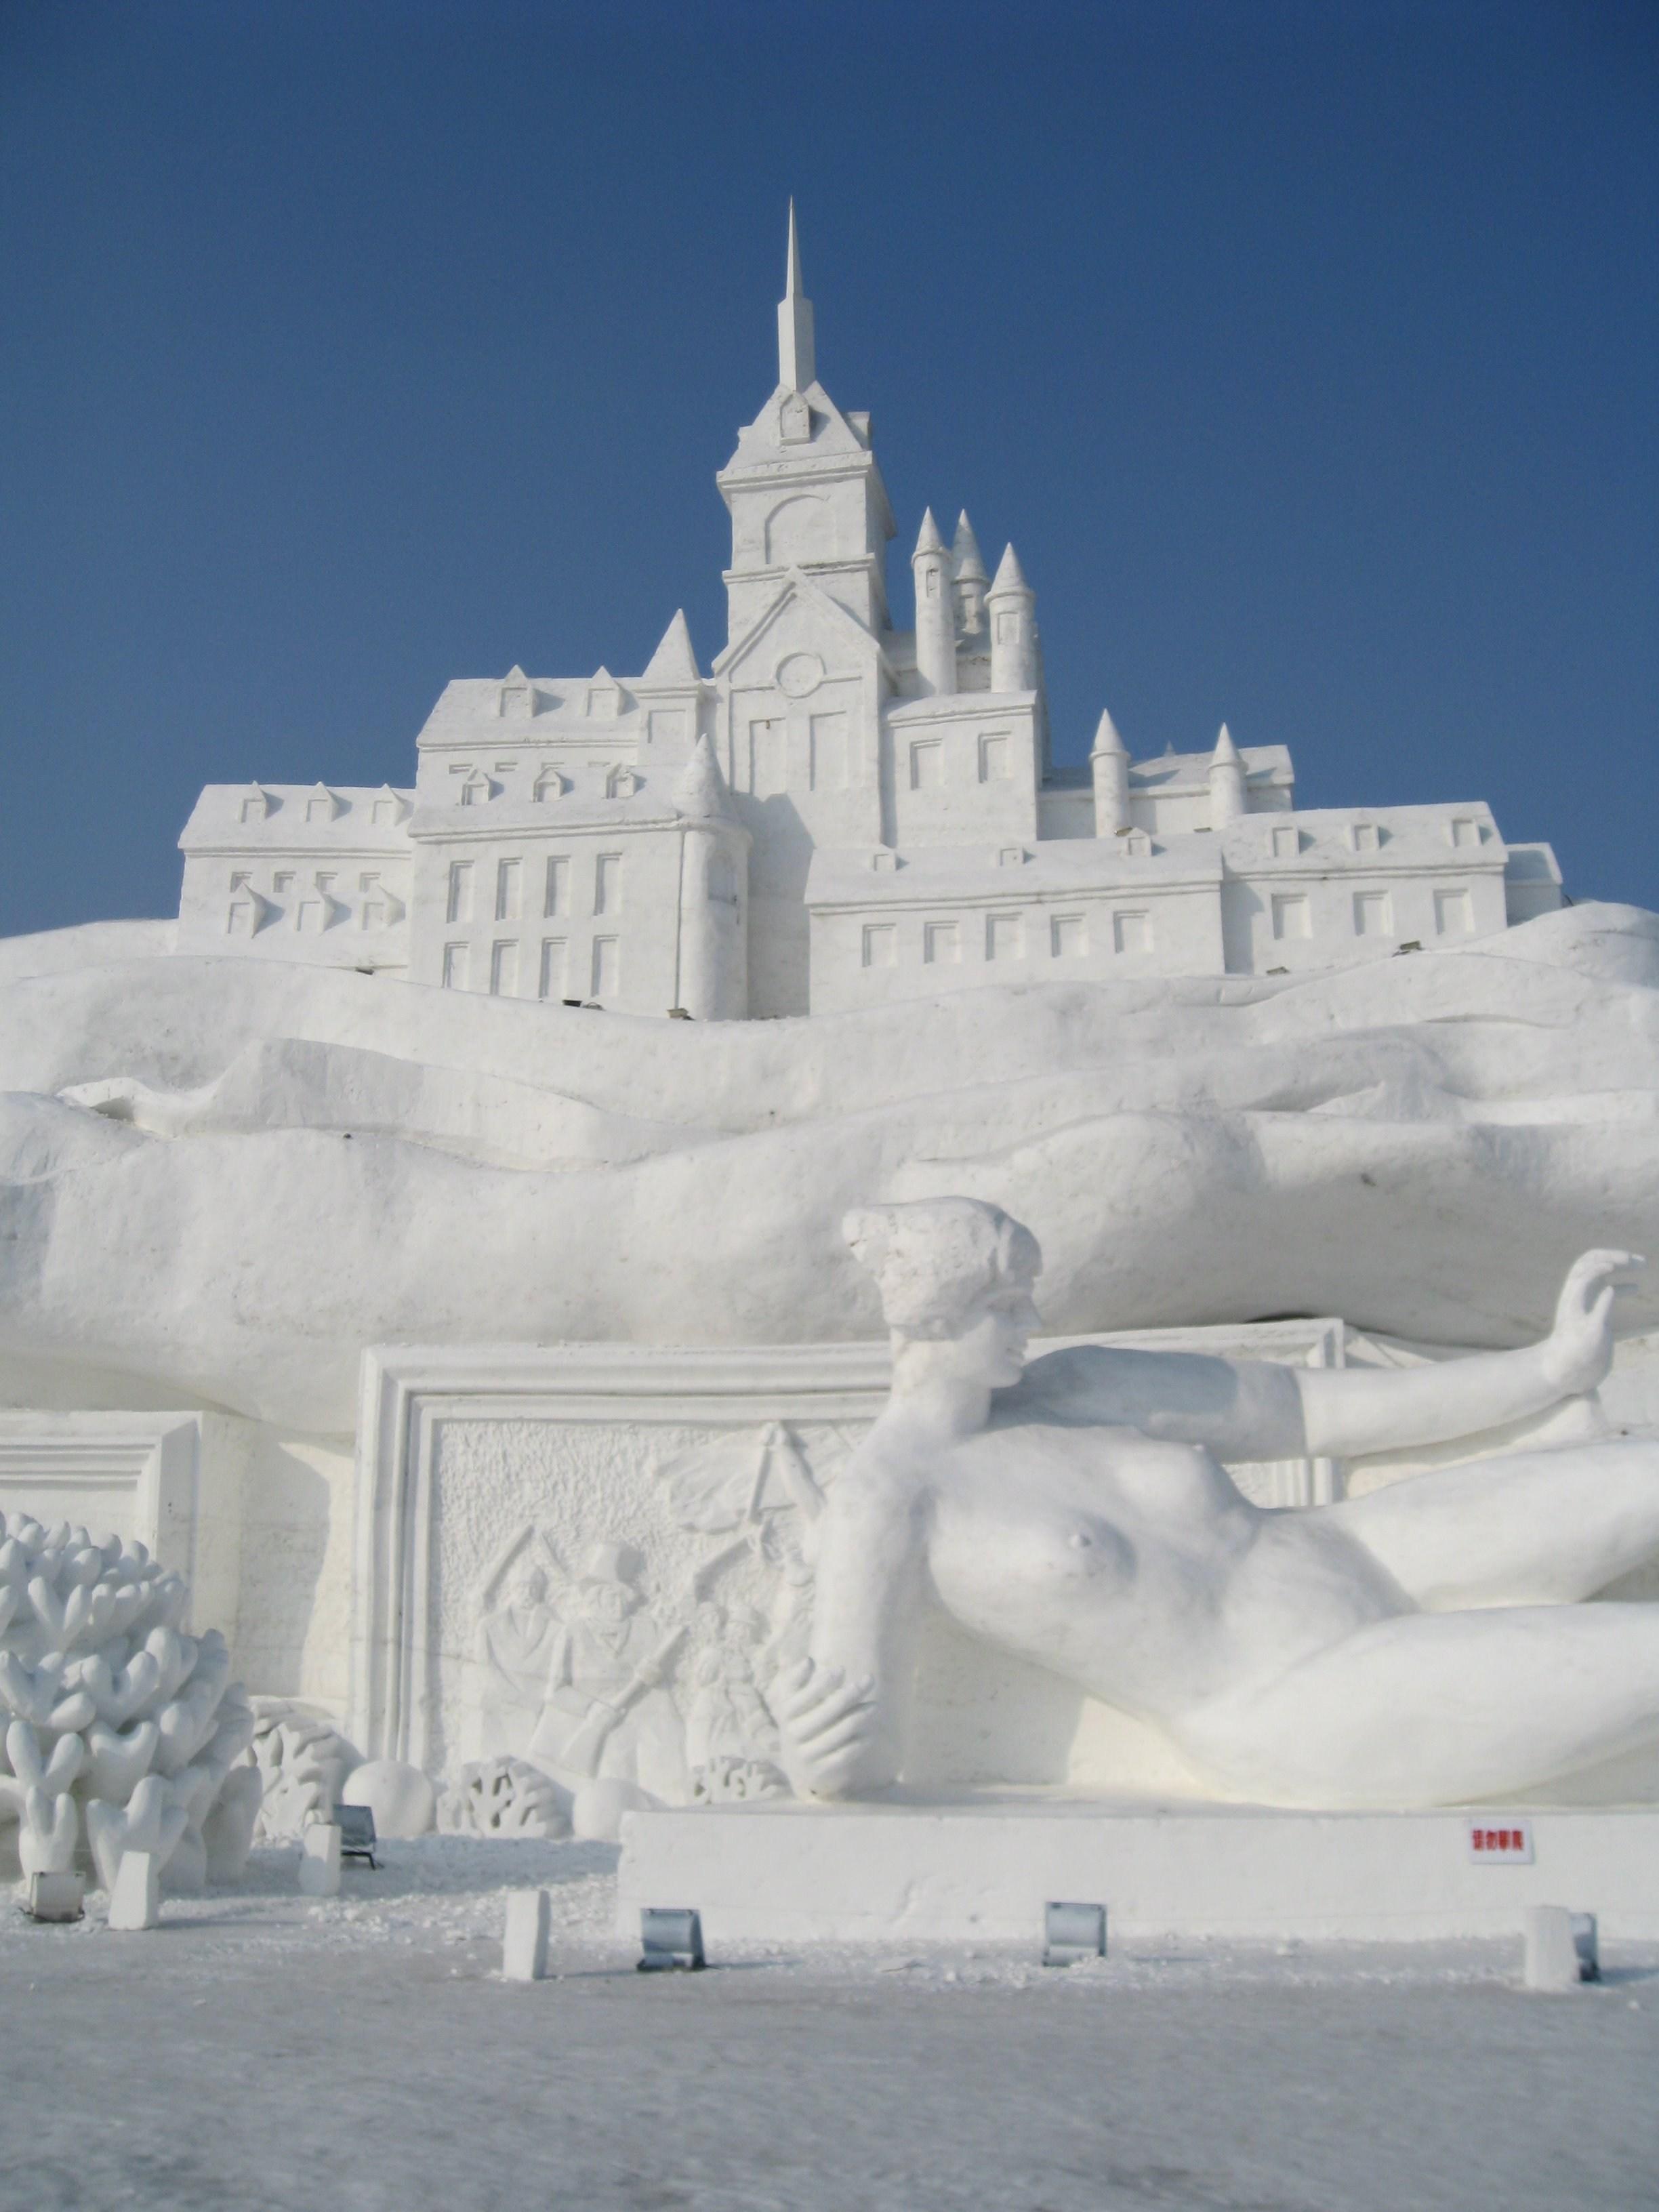 snow sculpture 18 Самые удивительные и невероятные работы скульпторов со всего мира, ставшие жемчужинами Харбинского международного фестиваля ледяных и снежных скульптур